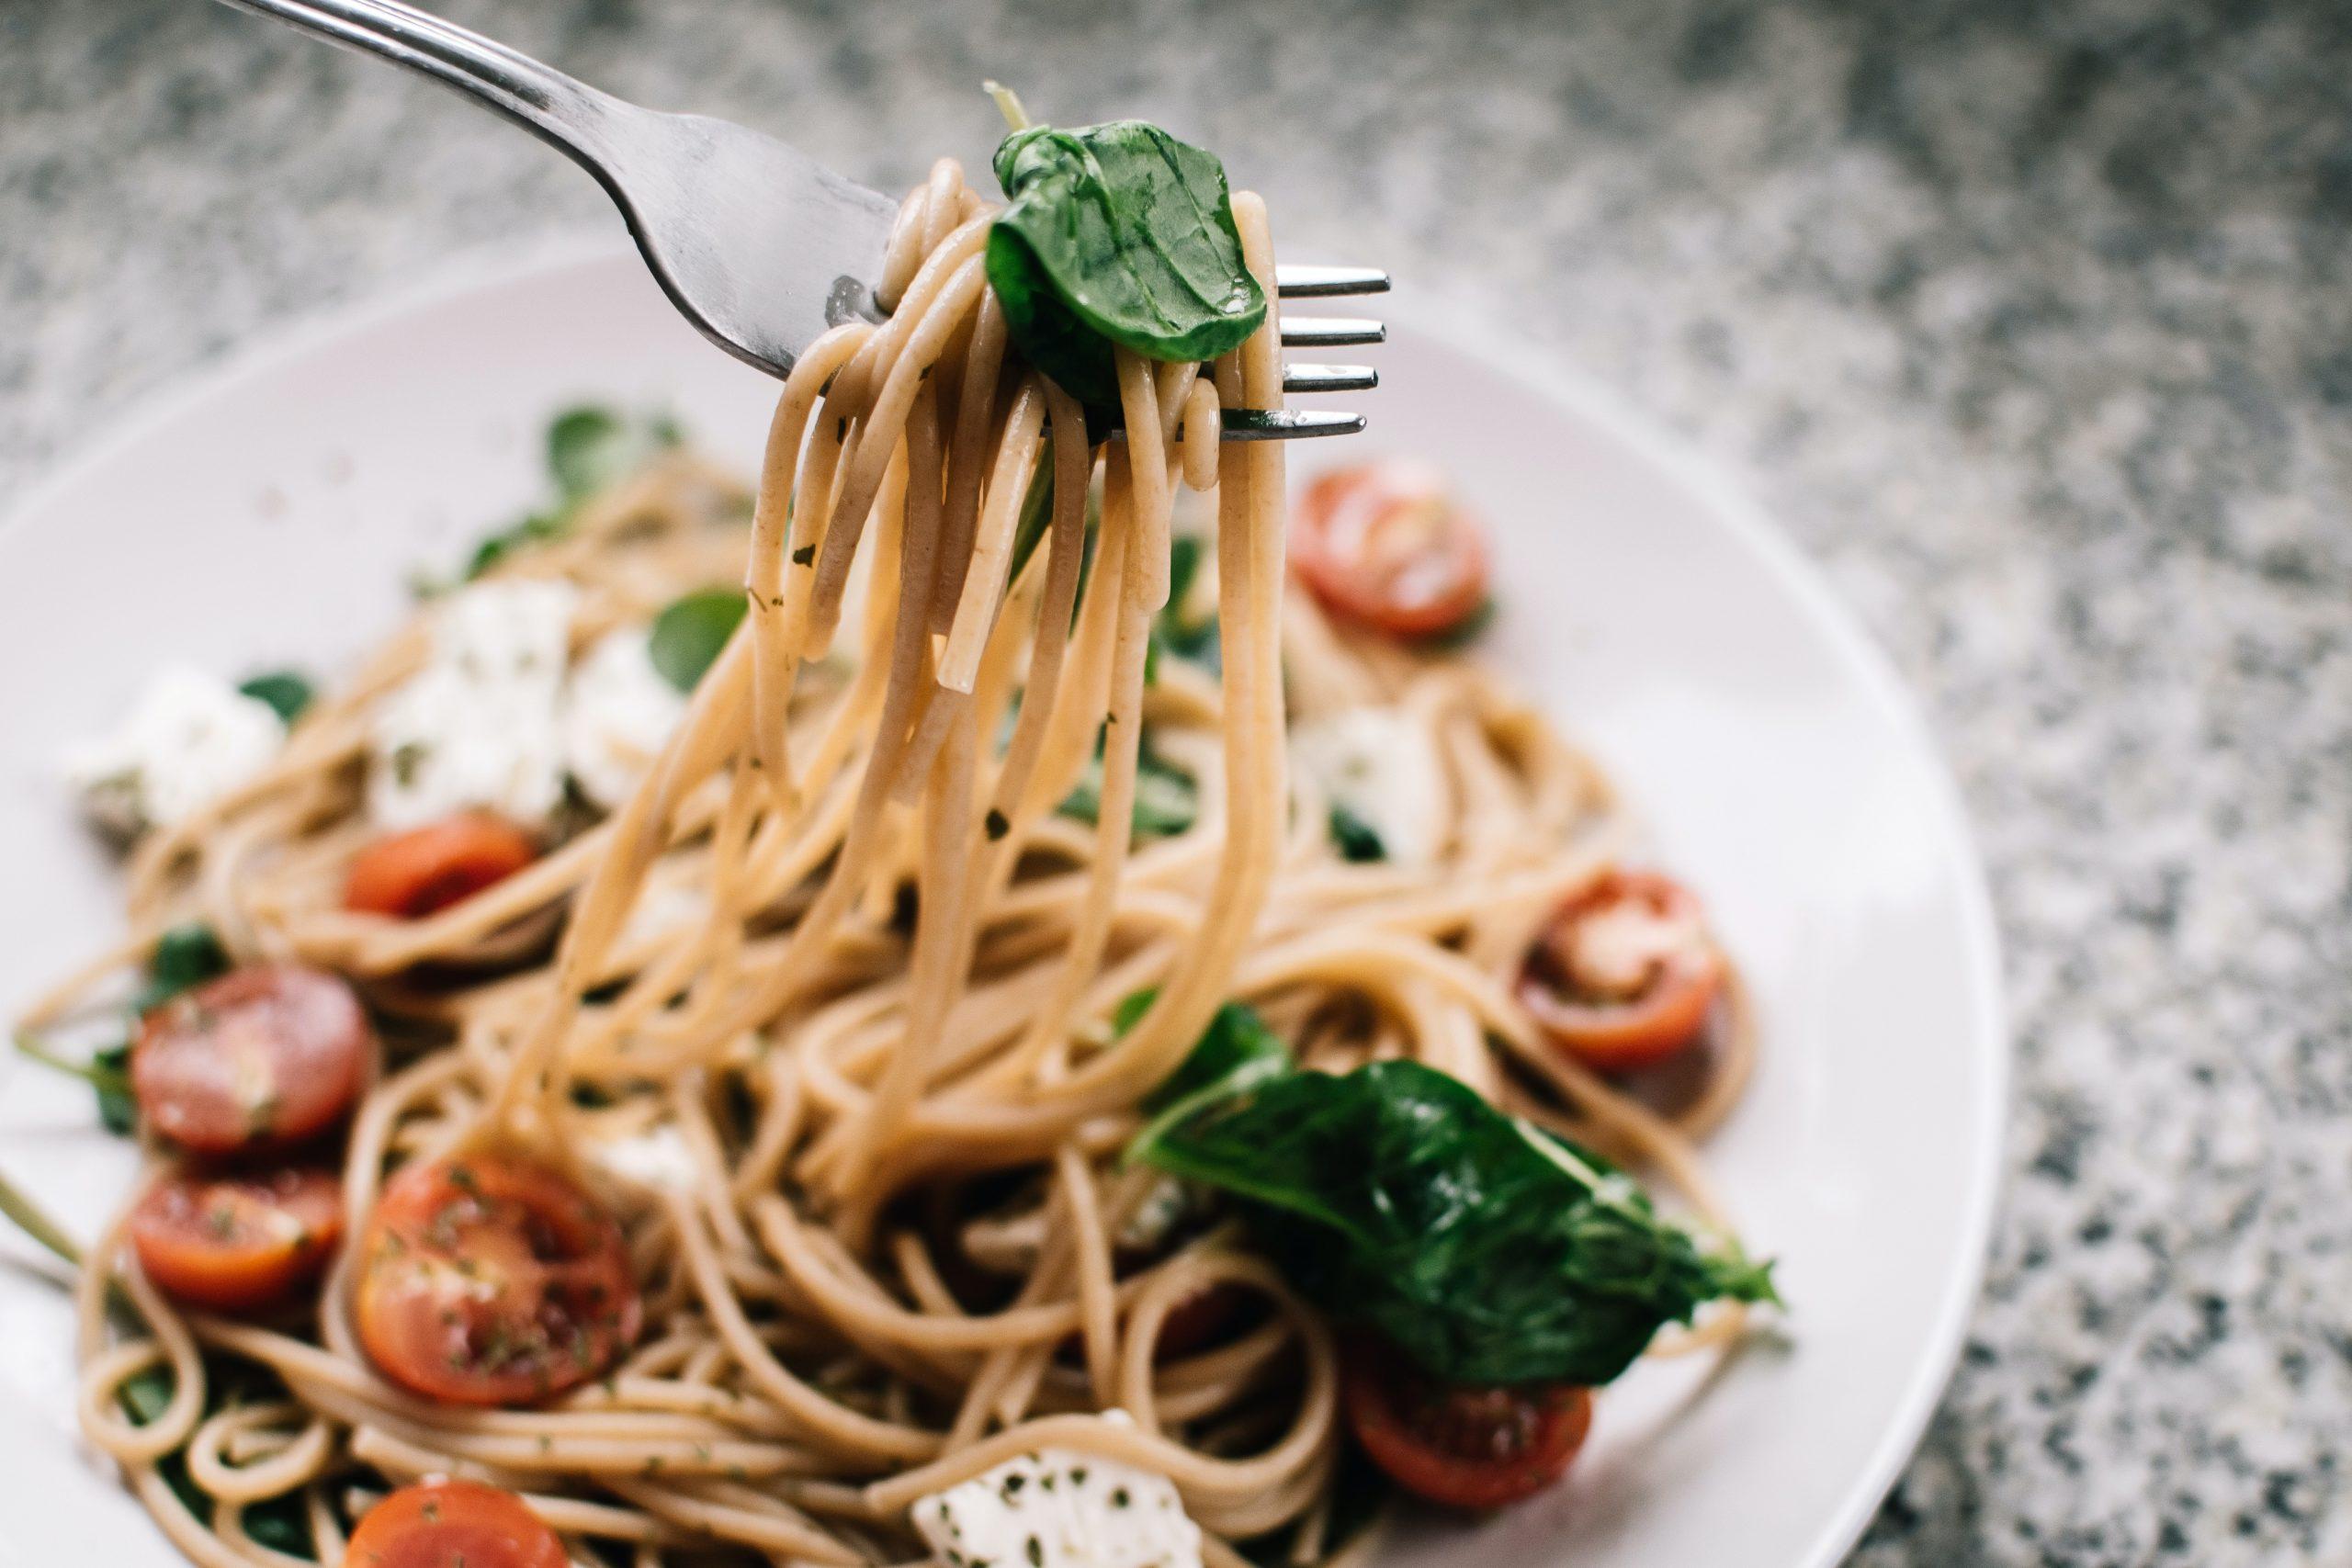 Kooktijd spaghetti